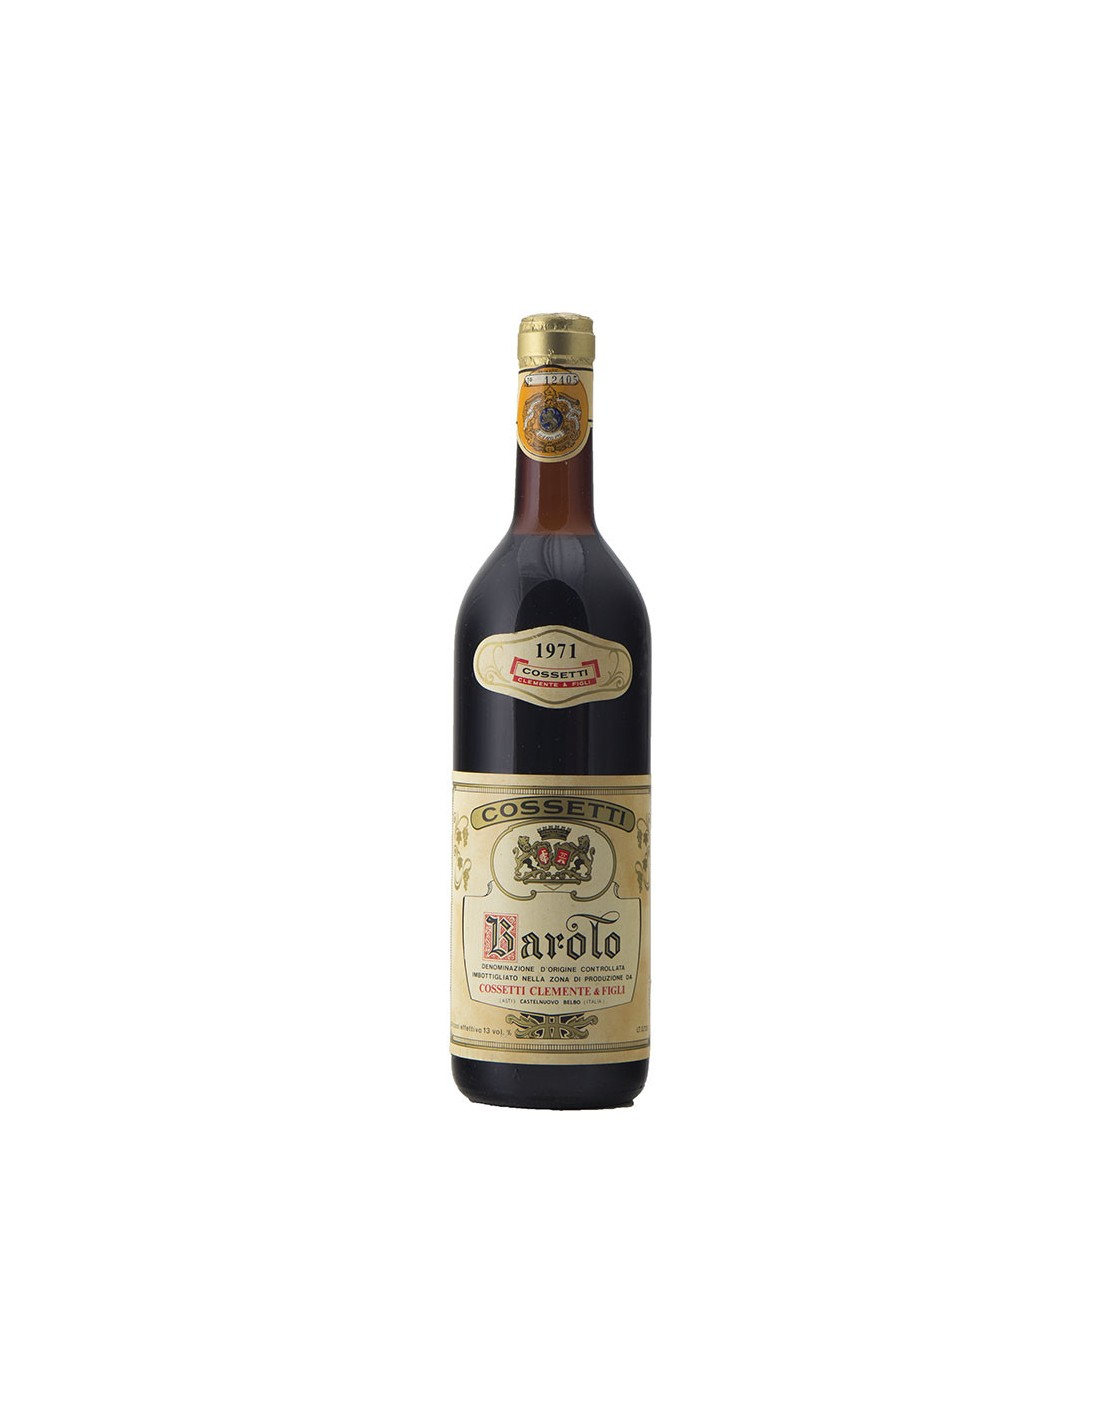 BAROLO 1971 COSSETTI CLEMENTE Grandi Bottiglie